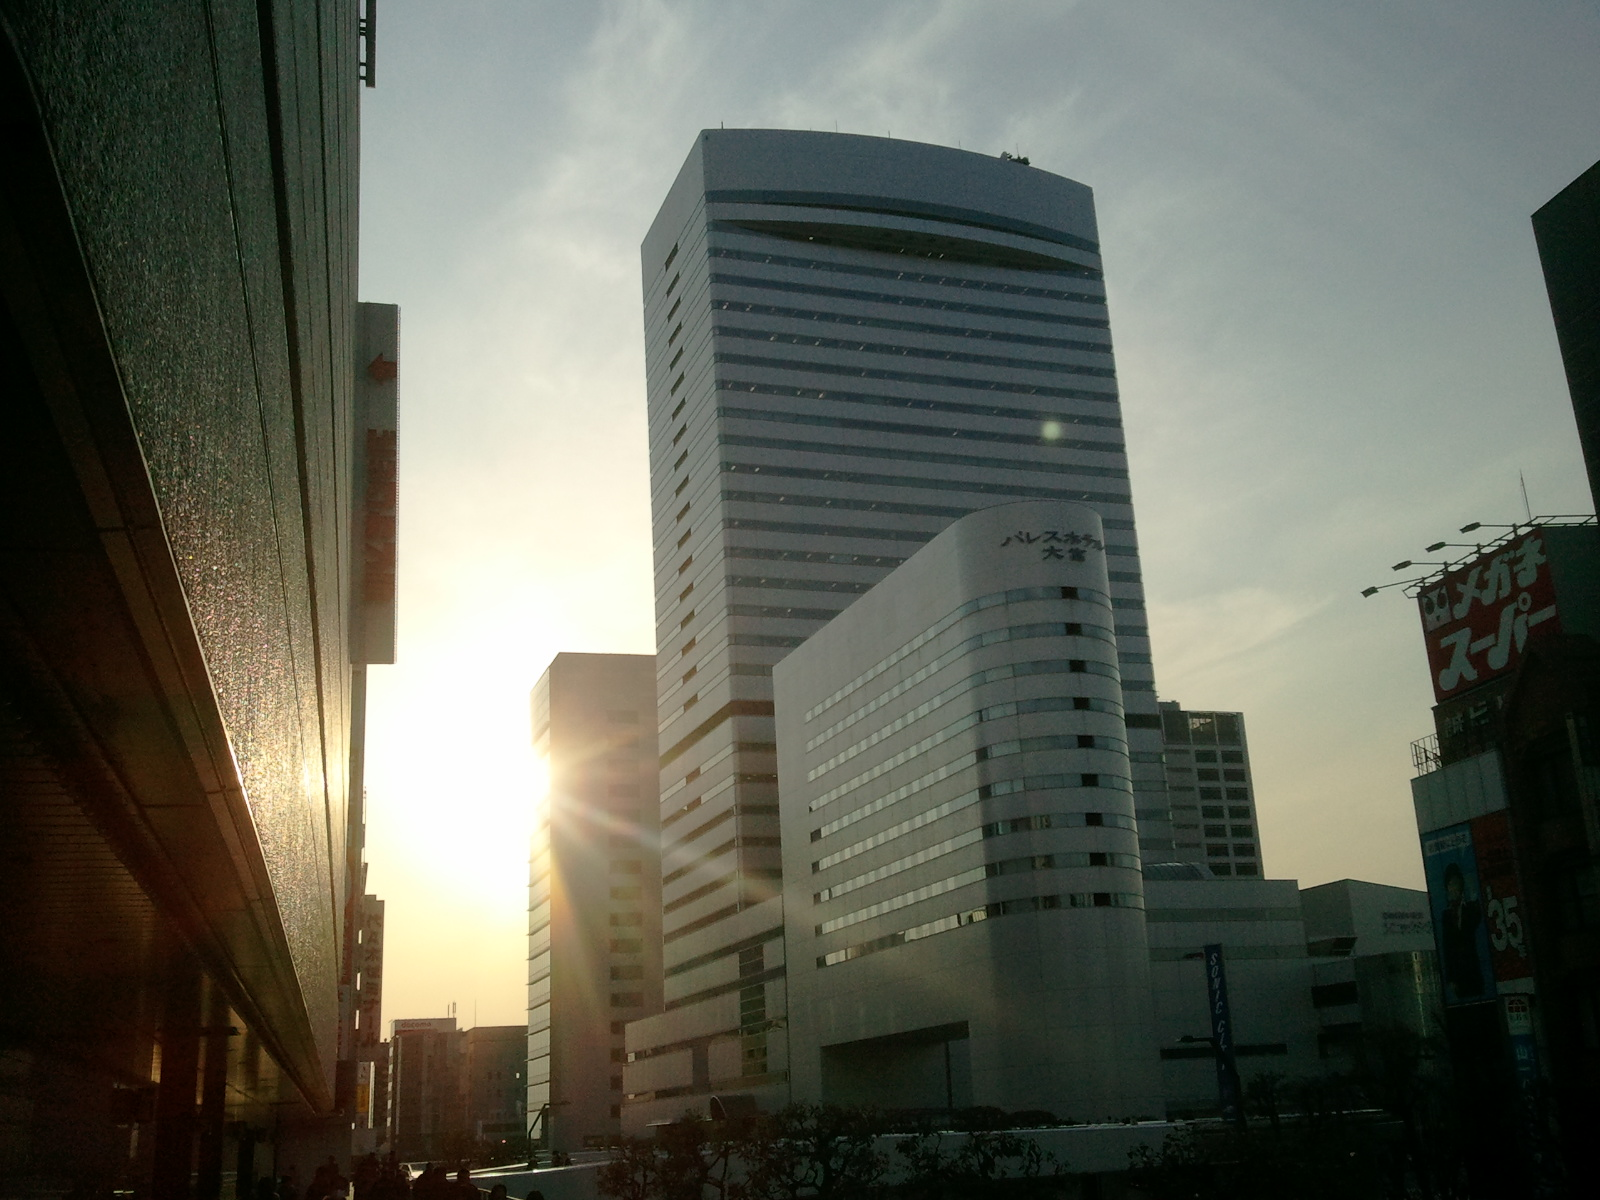 2012-03-16 16.47.27.jpg